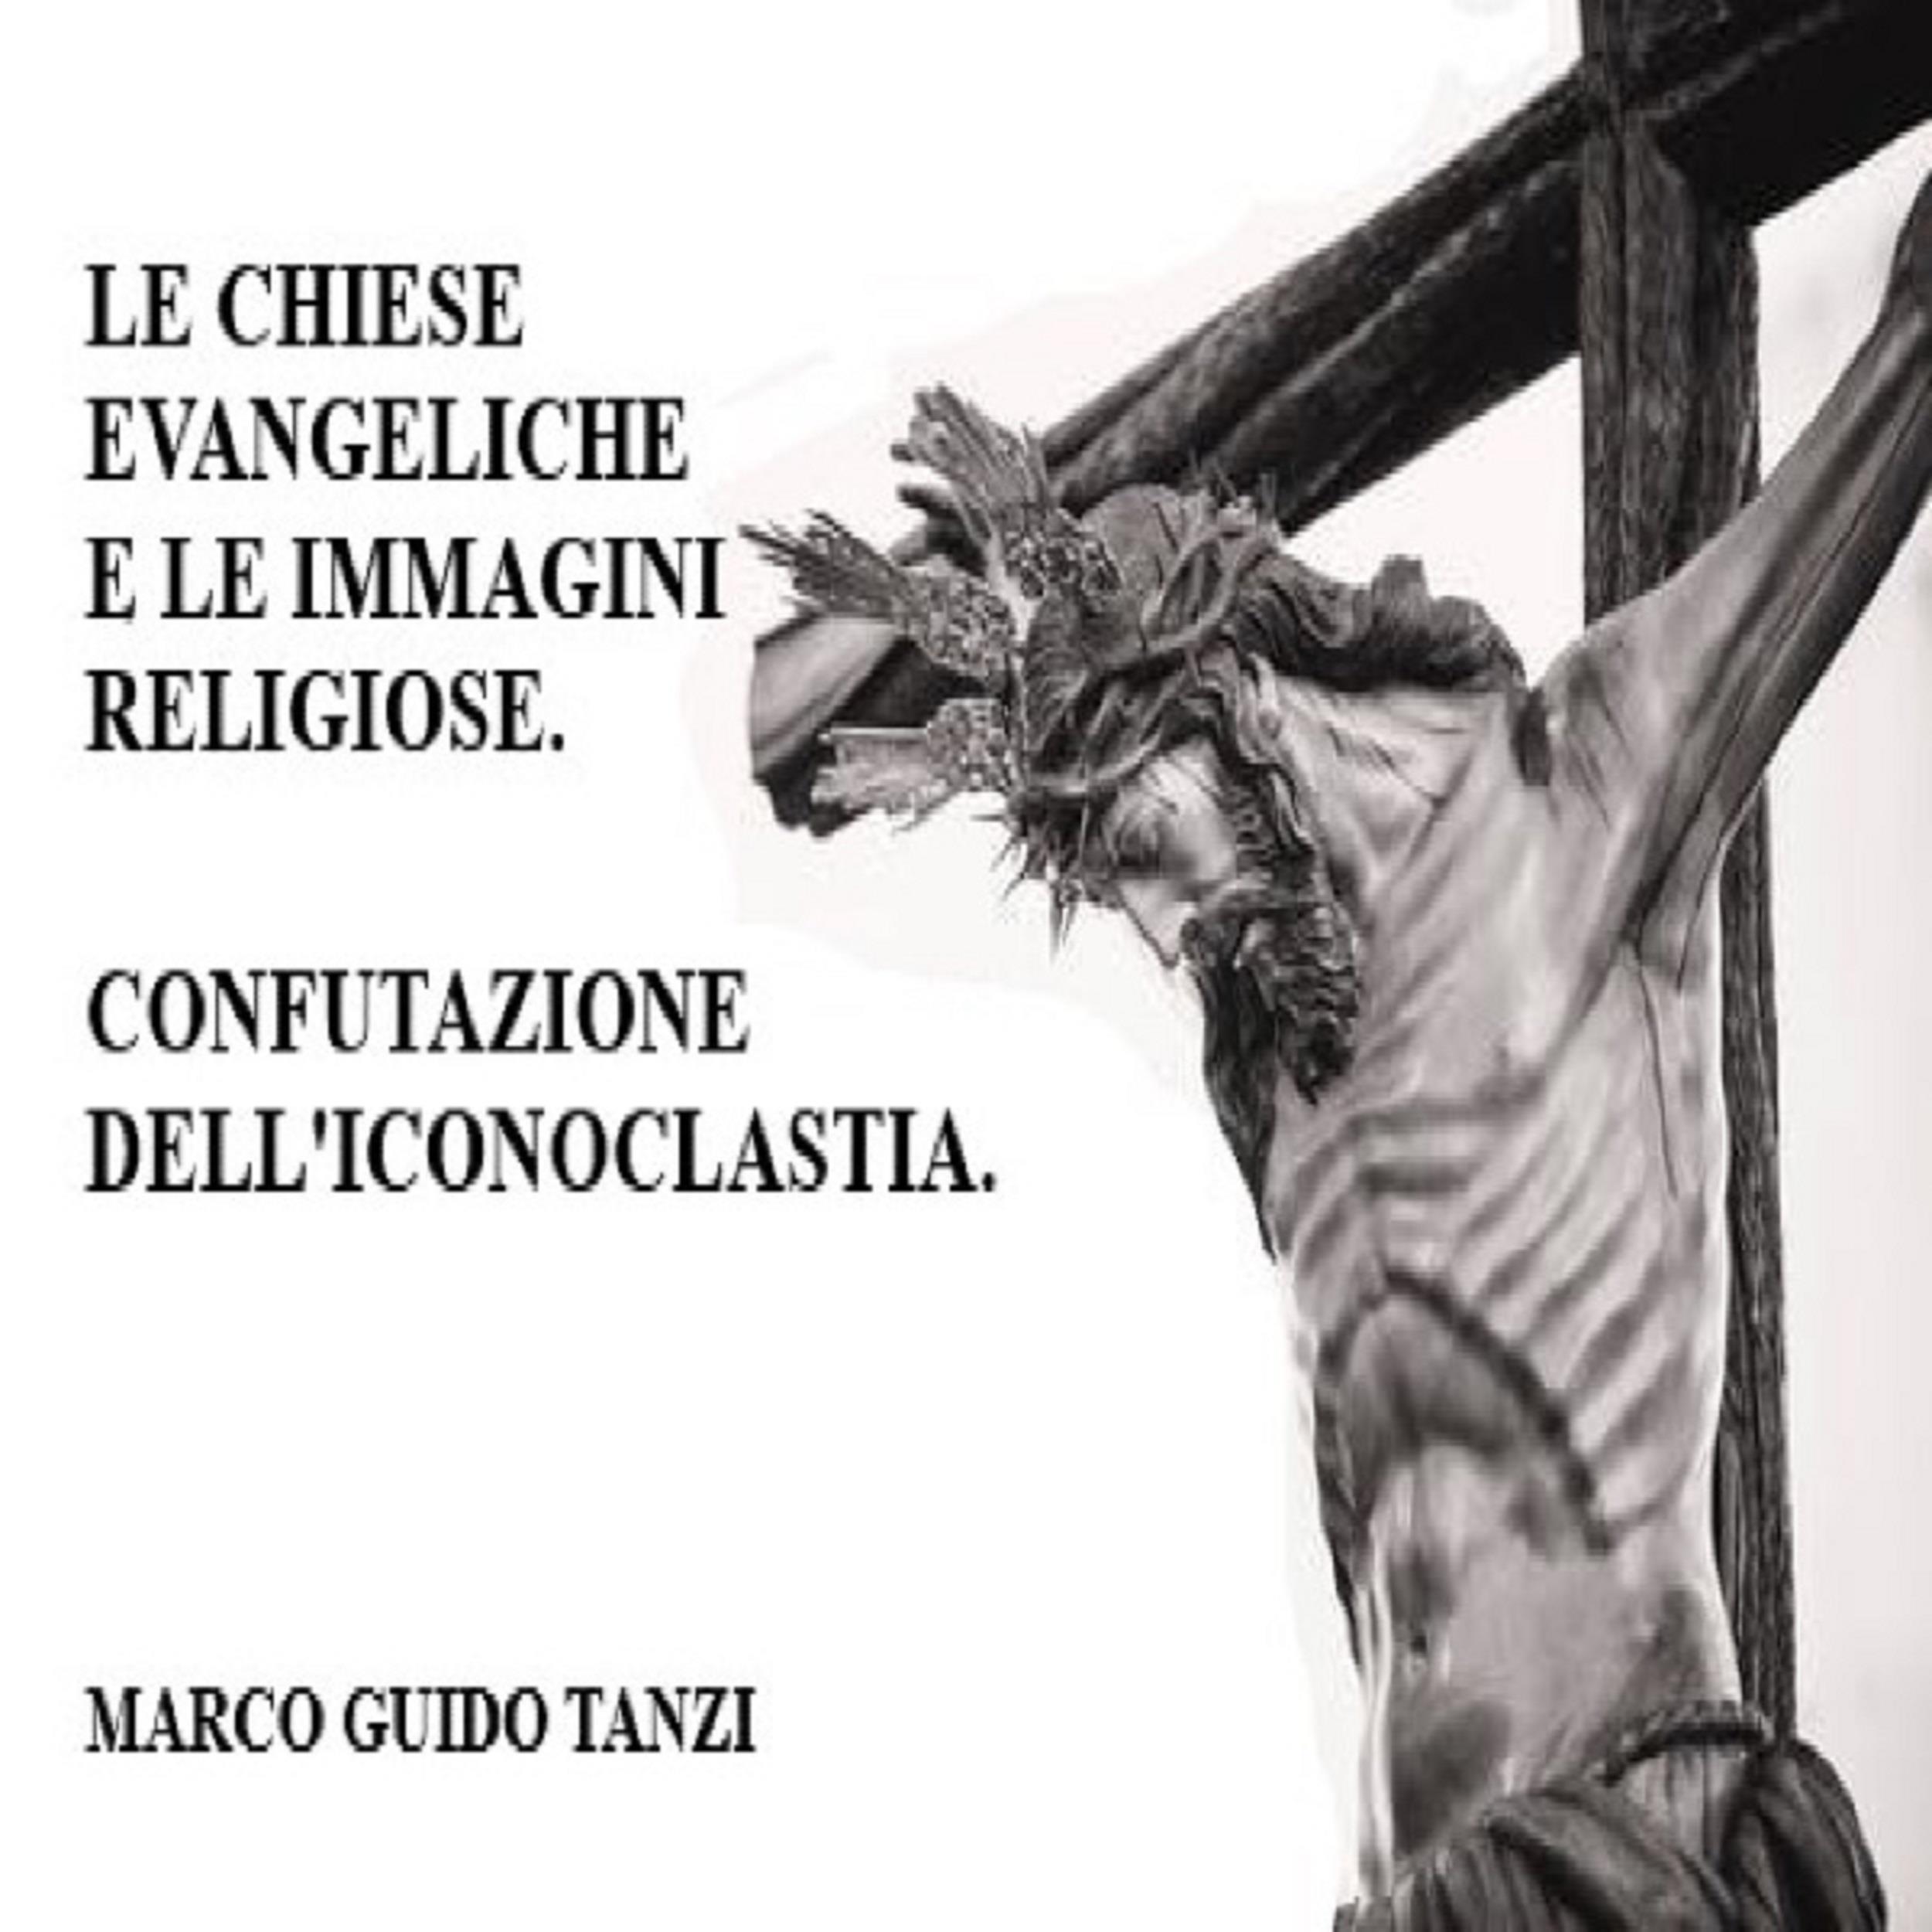 Le chiese evangeliche e le immagini religiose. Confutazione dell'iconoclastia.